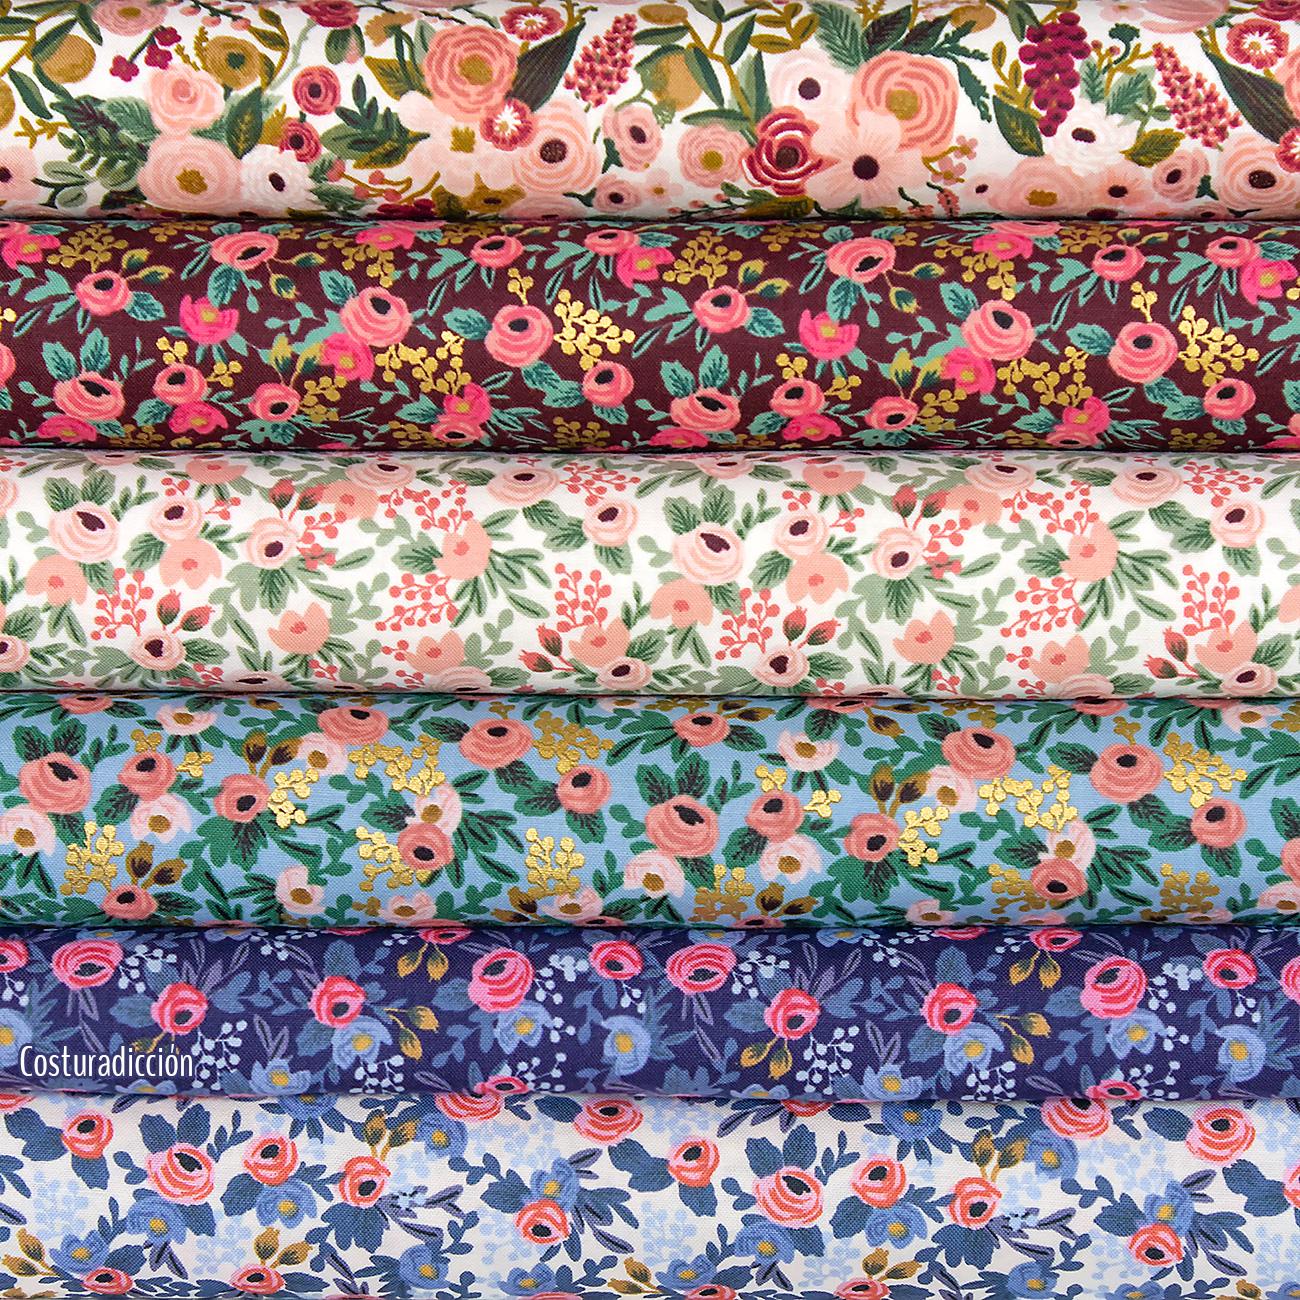 Imagen de producto: https://tienda.costuradiccion.com/img/articulos/secundarias14542-tela-rifle-paper-garden-party-rosa-con-metalizado-algodon-algodon-50-x-55-cm-5.jpg